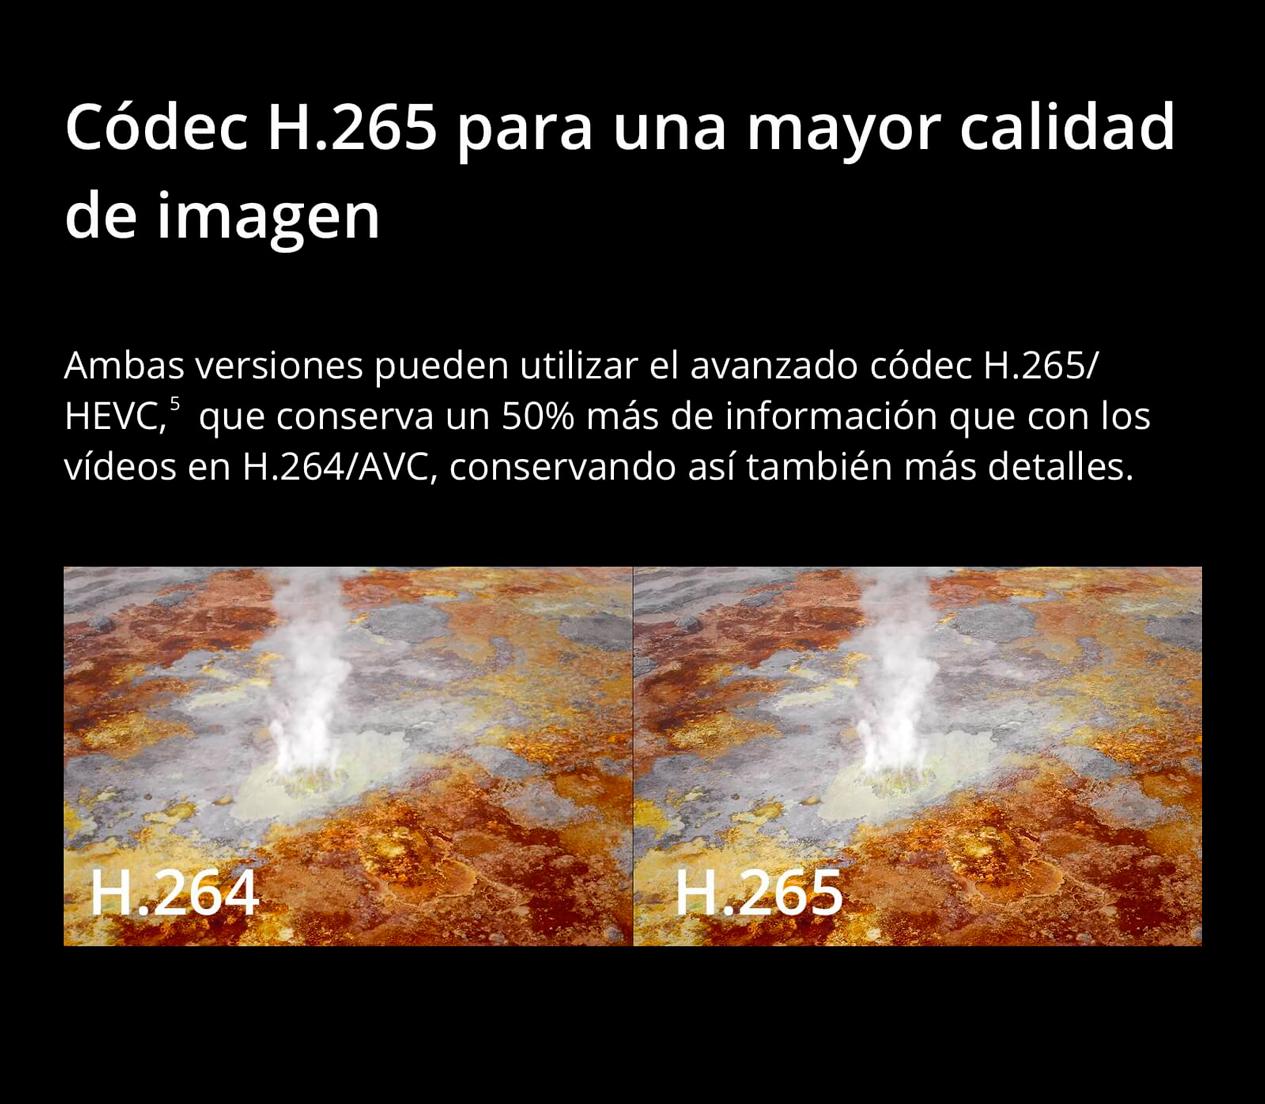 DJI MAVIC 2 PRO - Códec H.265 para una mayor calidad de imagen